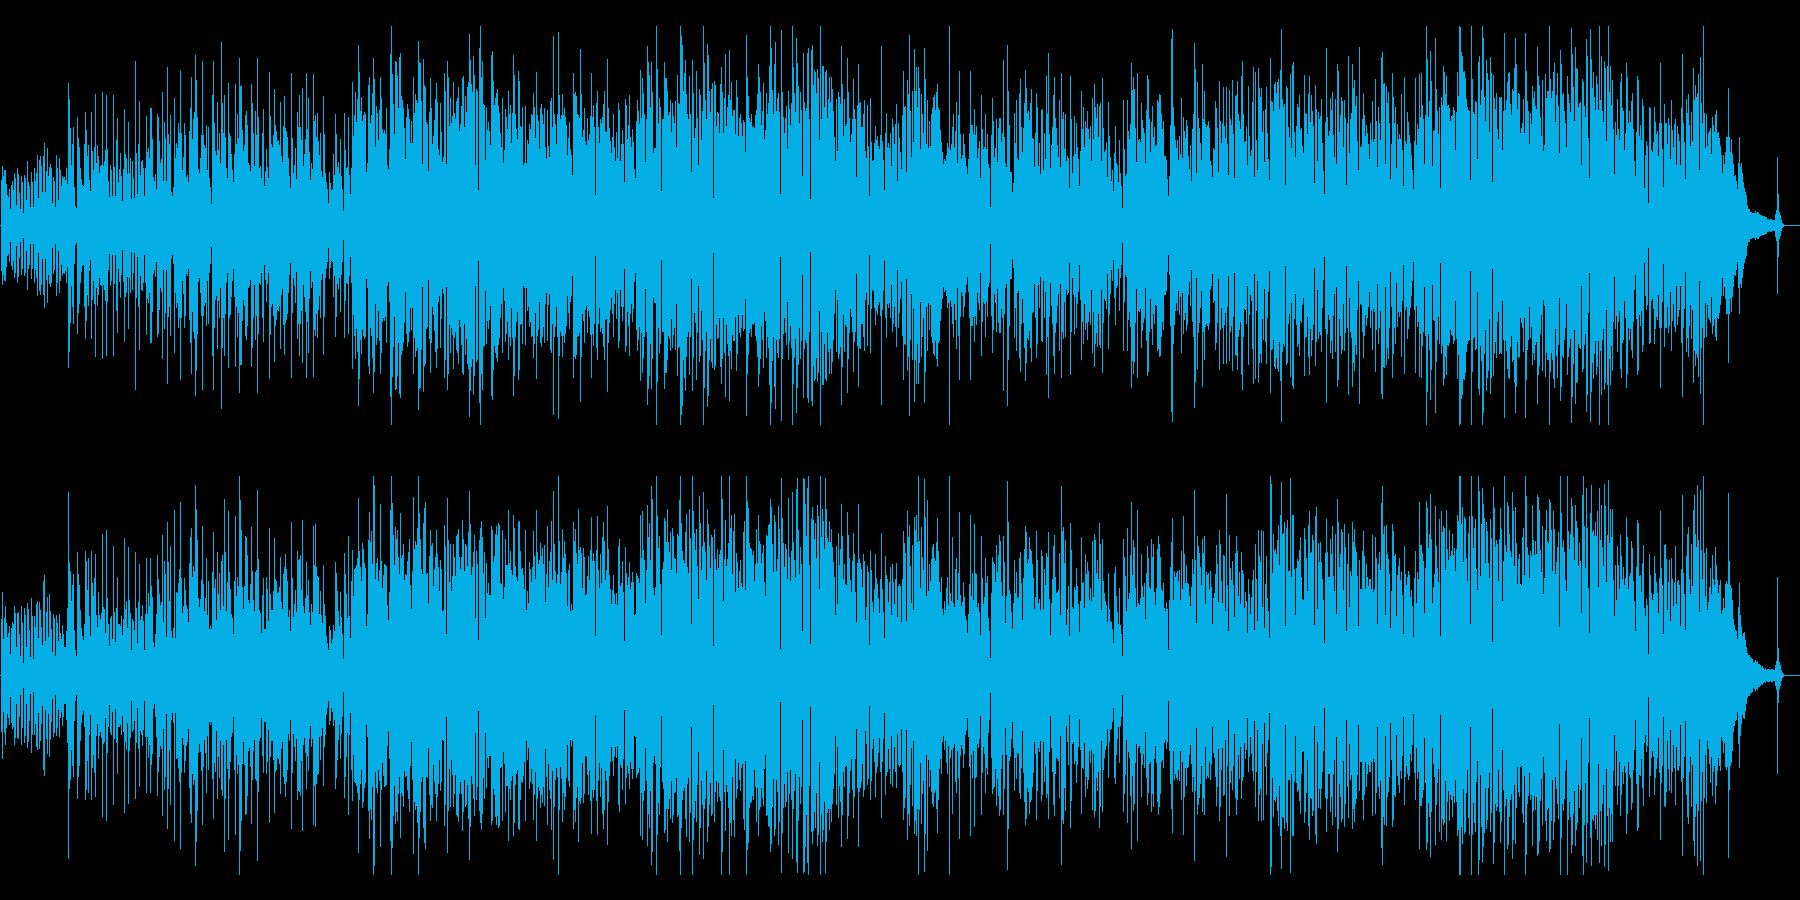 フルート生演奏のボサノバの再生済みの波形